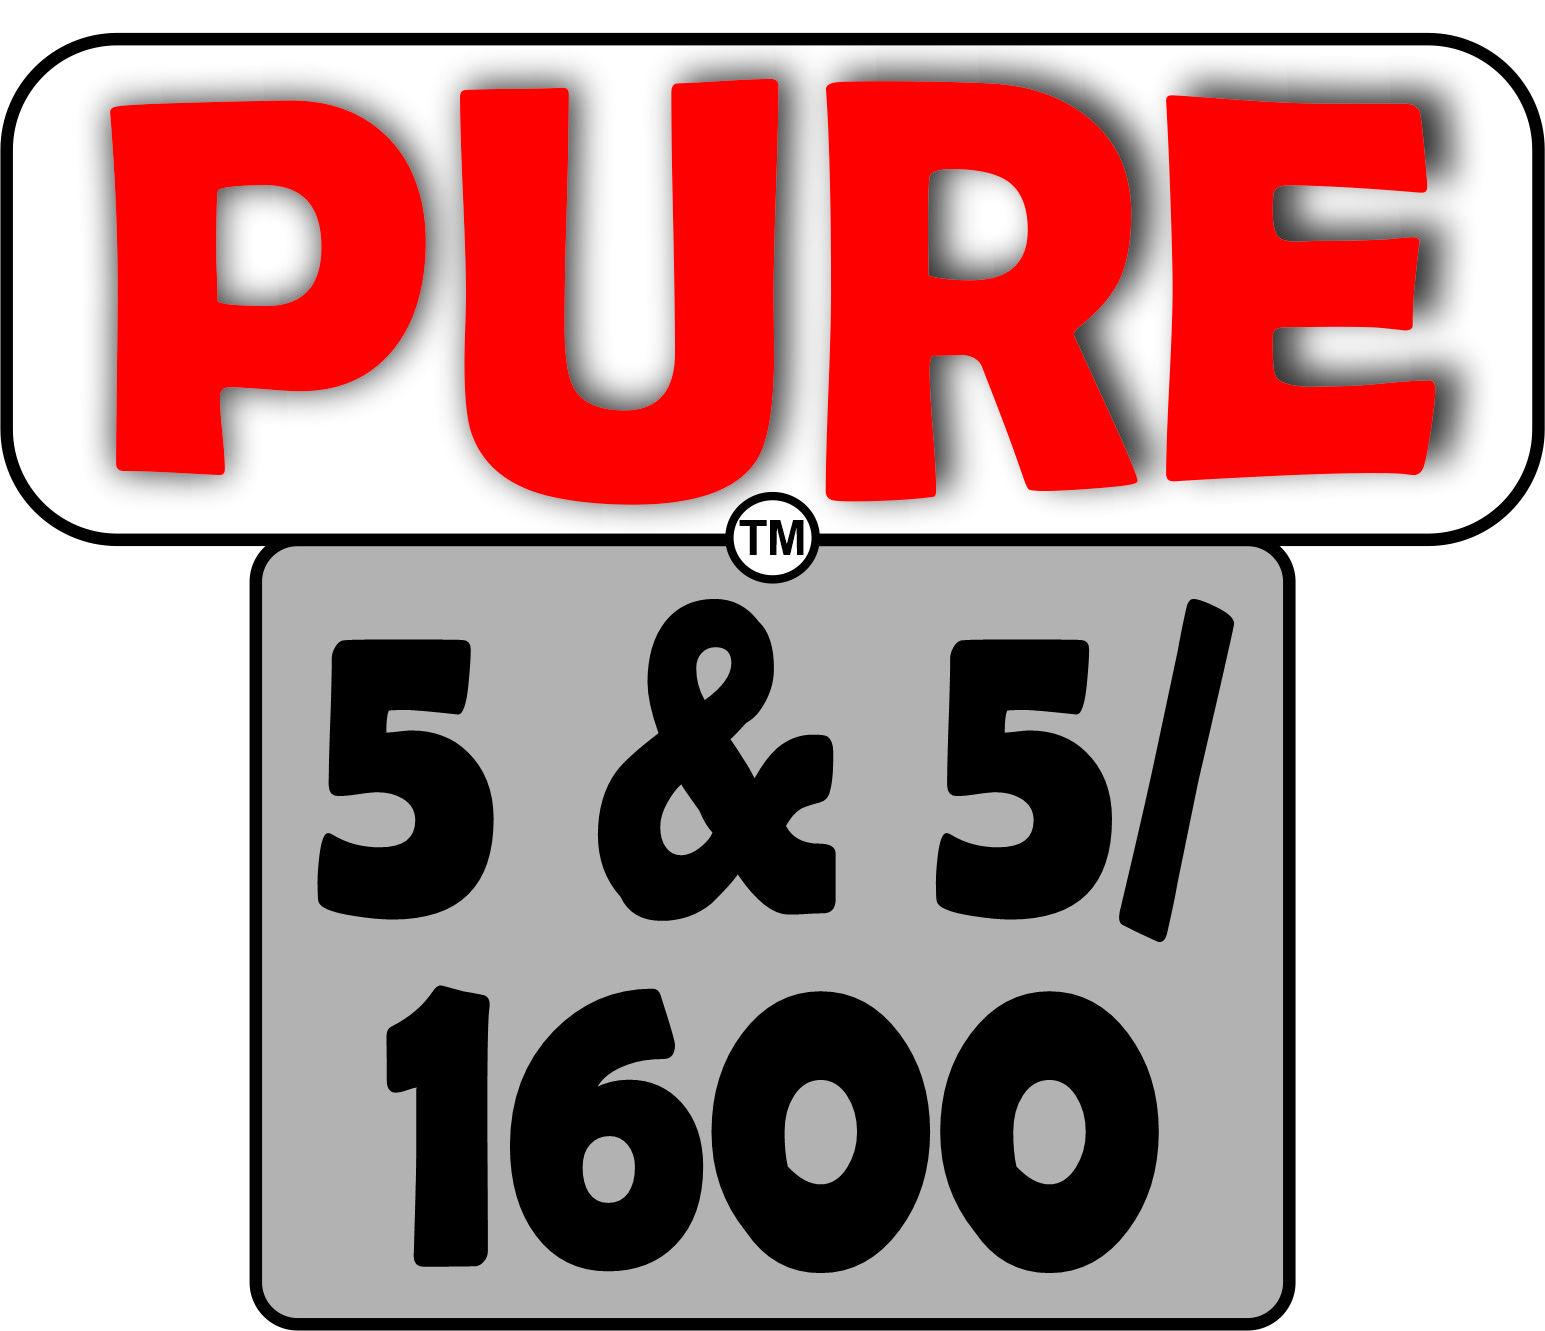 19-PURE-CLASSES-2020-5-5-1600-Nov13.jpg